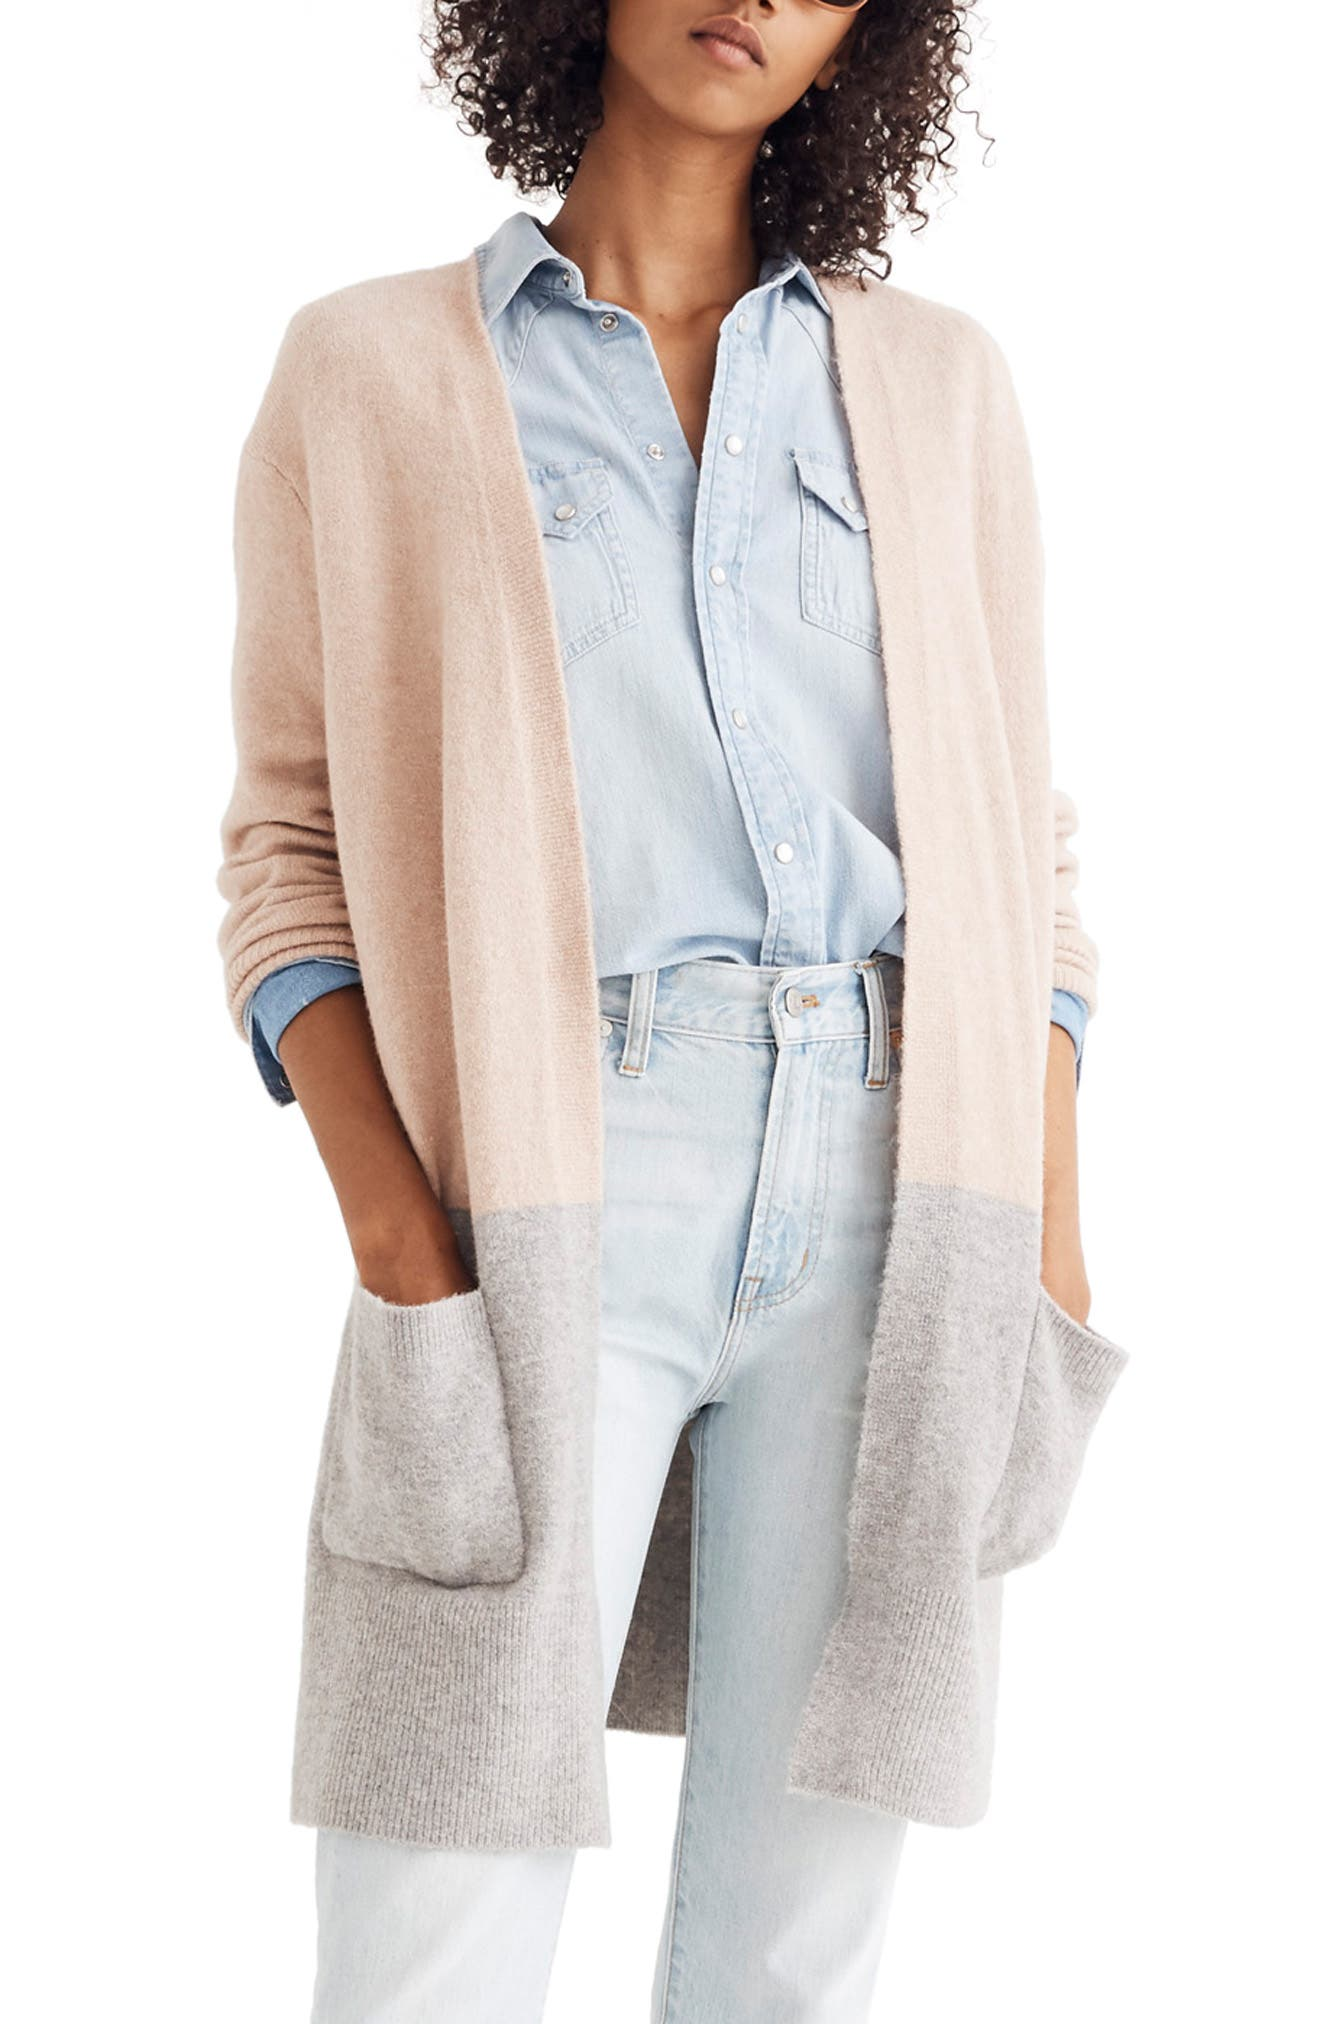 Kent Colorblock Cardigan Sweater,                         Main,                         color, HEATHER BEIGE